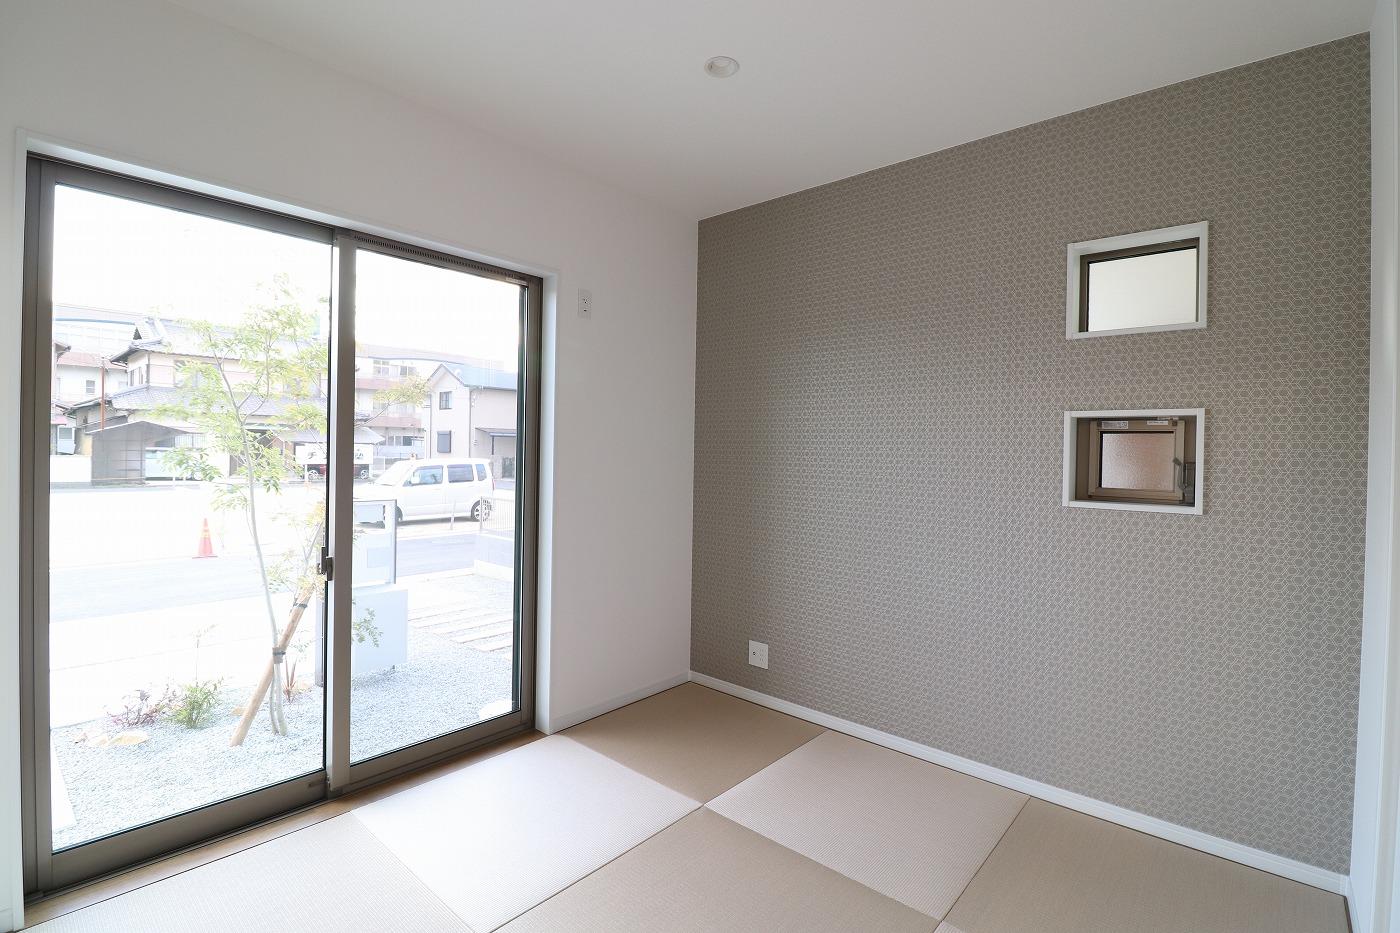 高松市木太町の新築分譲住宅のリビング和室